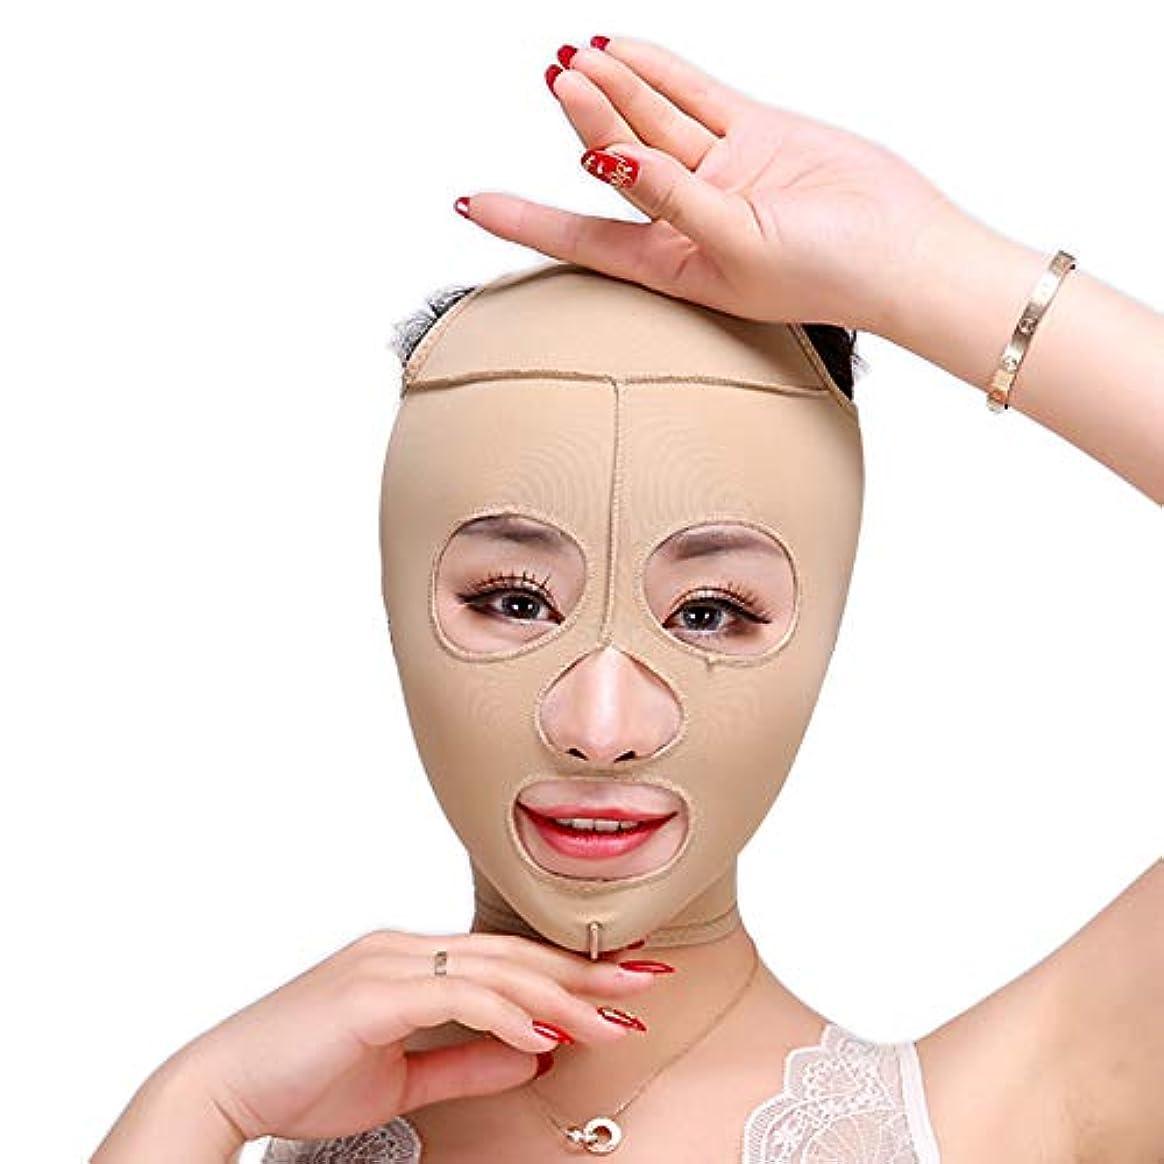 サバントクローゼット満足させる顔を細くするためのフェイスリフトフルマスク、抗シワグルーミングレジューサスキン引き締めフェイシャルケアフェイスベルト,L